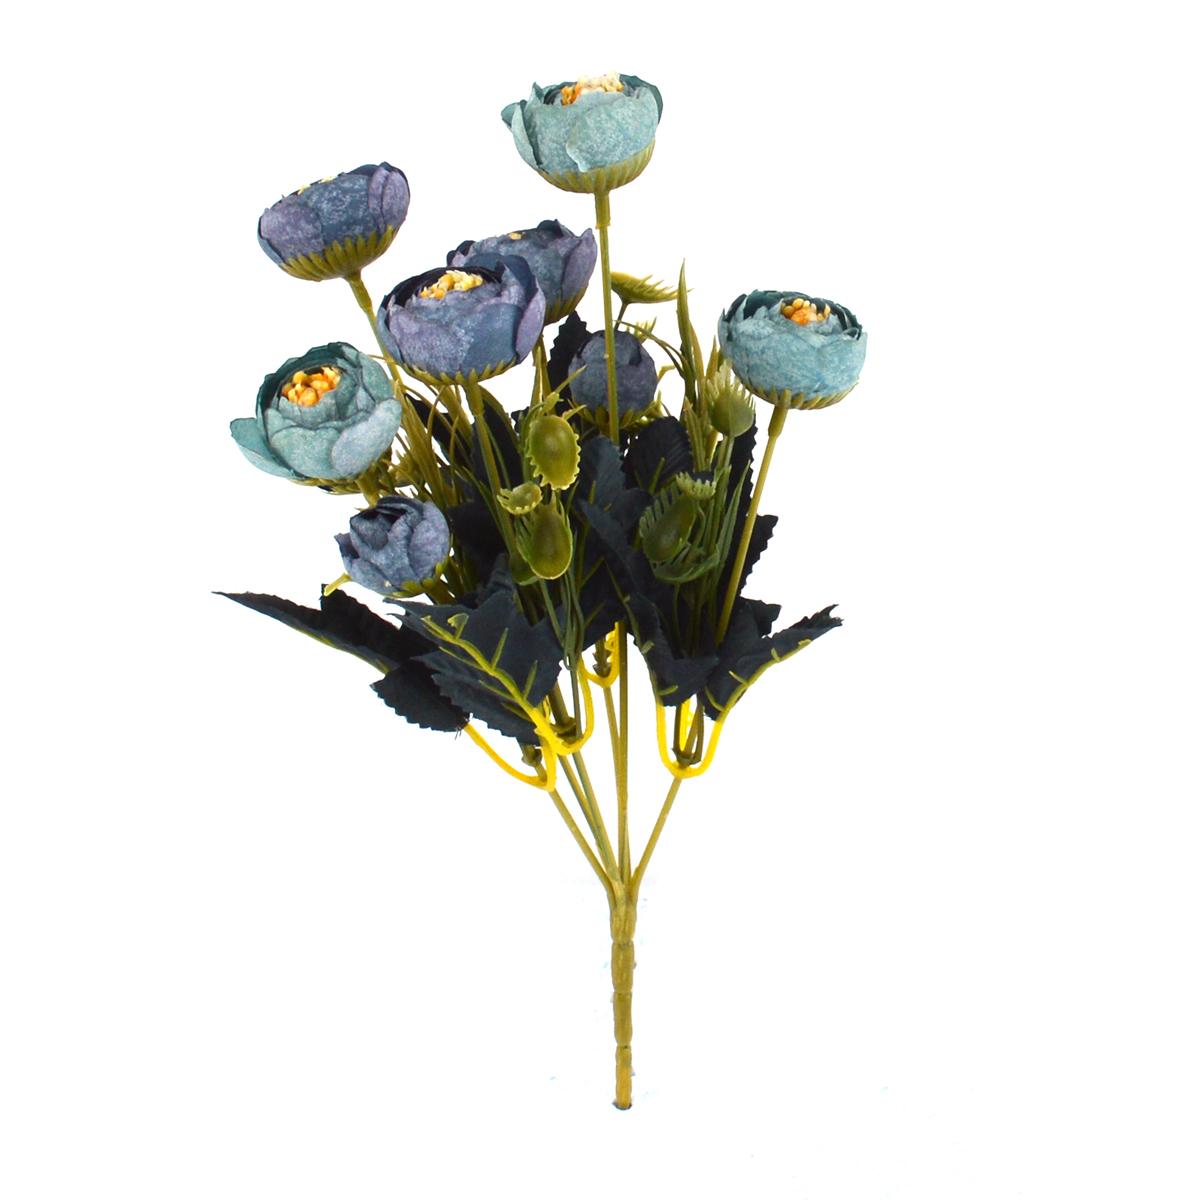 Ambalaje Flori ONLINE vinde Mini Buchet Ranunculus Vintage Albastru cu Turquoise la pretul de 7.9 lei